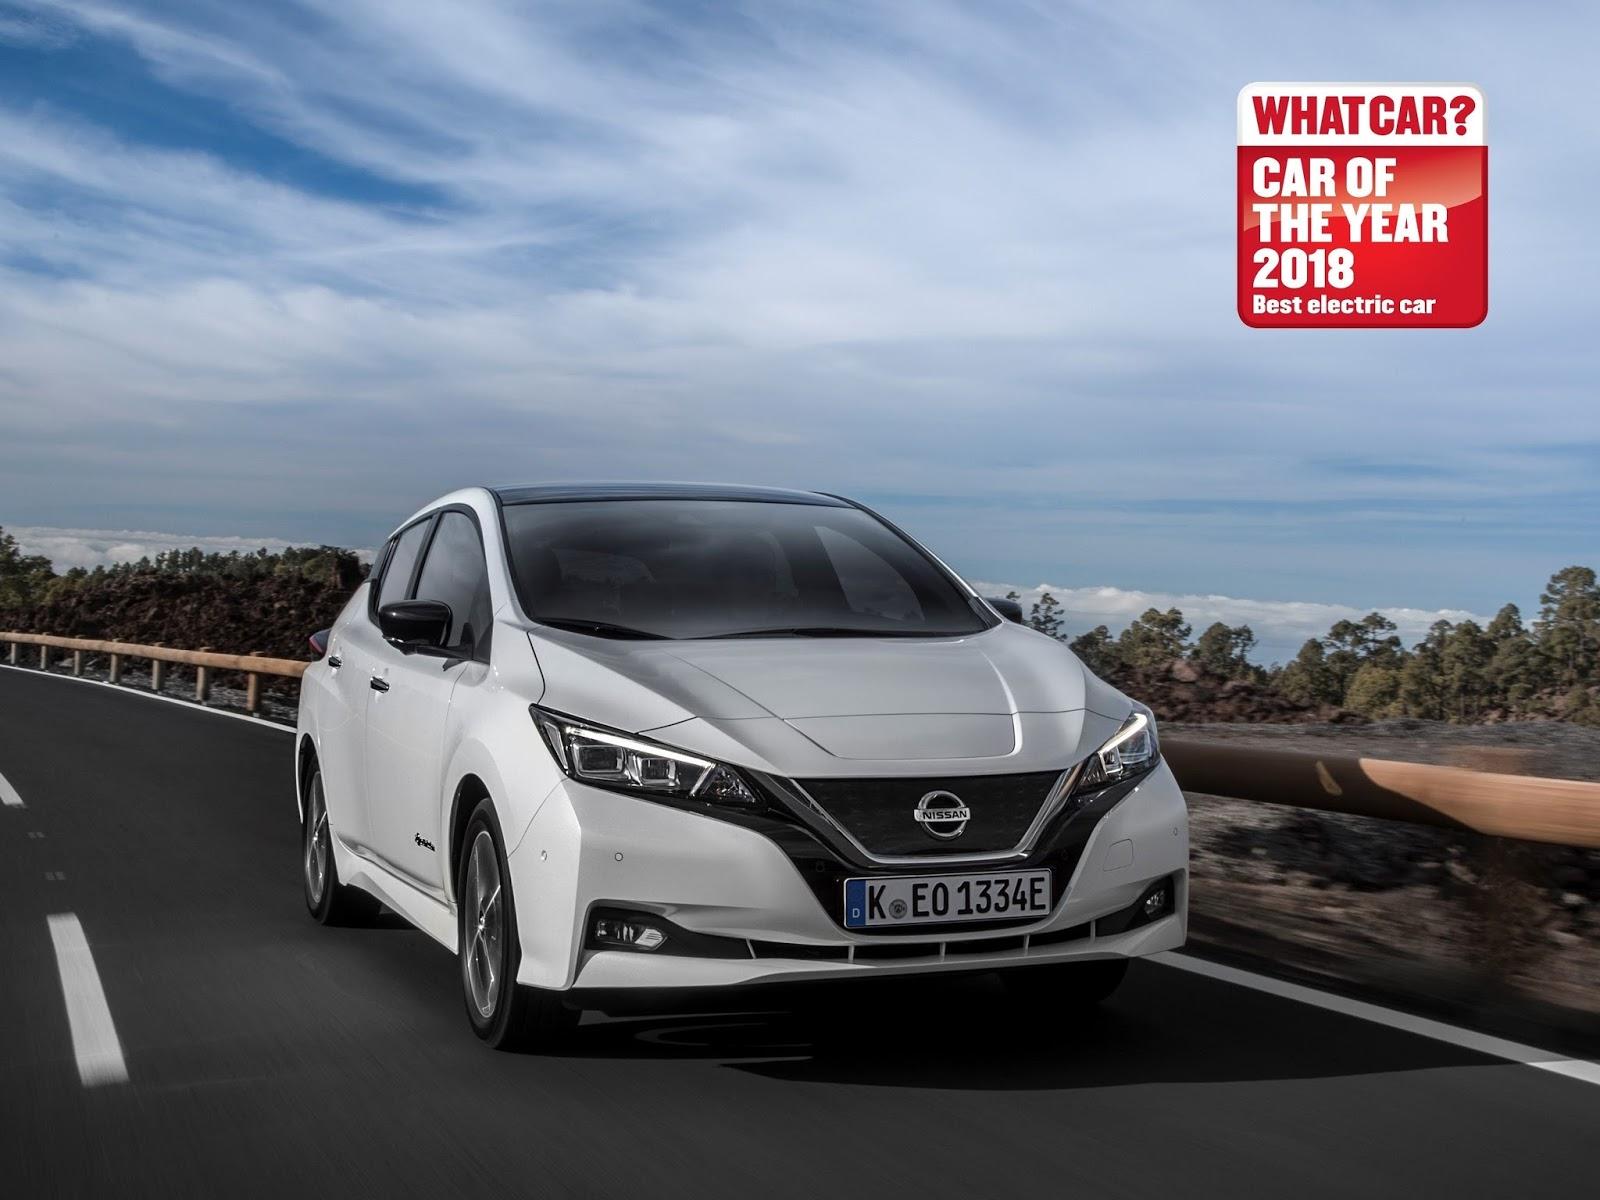 426217556 Nissan LEAF named Best Electric Car at 2018 What Car Awards2B252812529 Το Nissan LEAF παίρνει τον τίτλο του καλύτερου ηλεκτρικού Nissan, Nissan LEAF, βραβείο